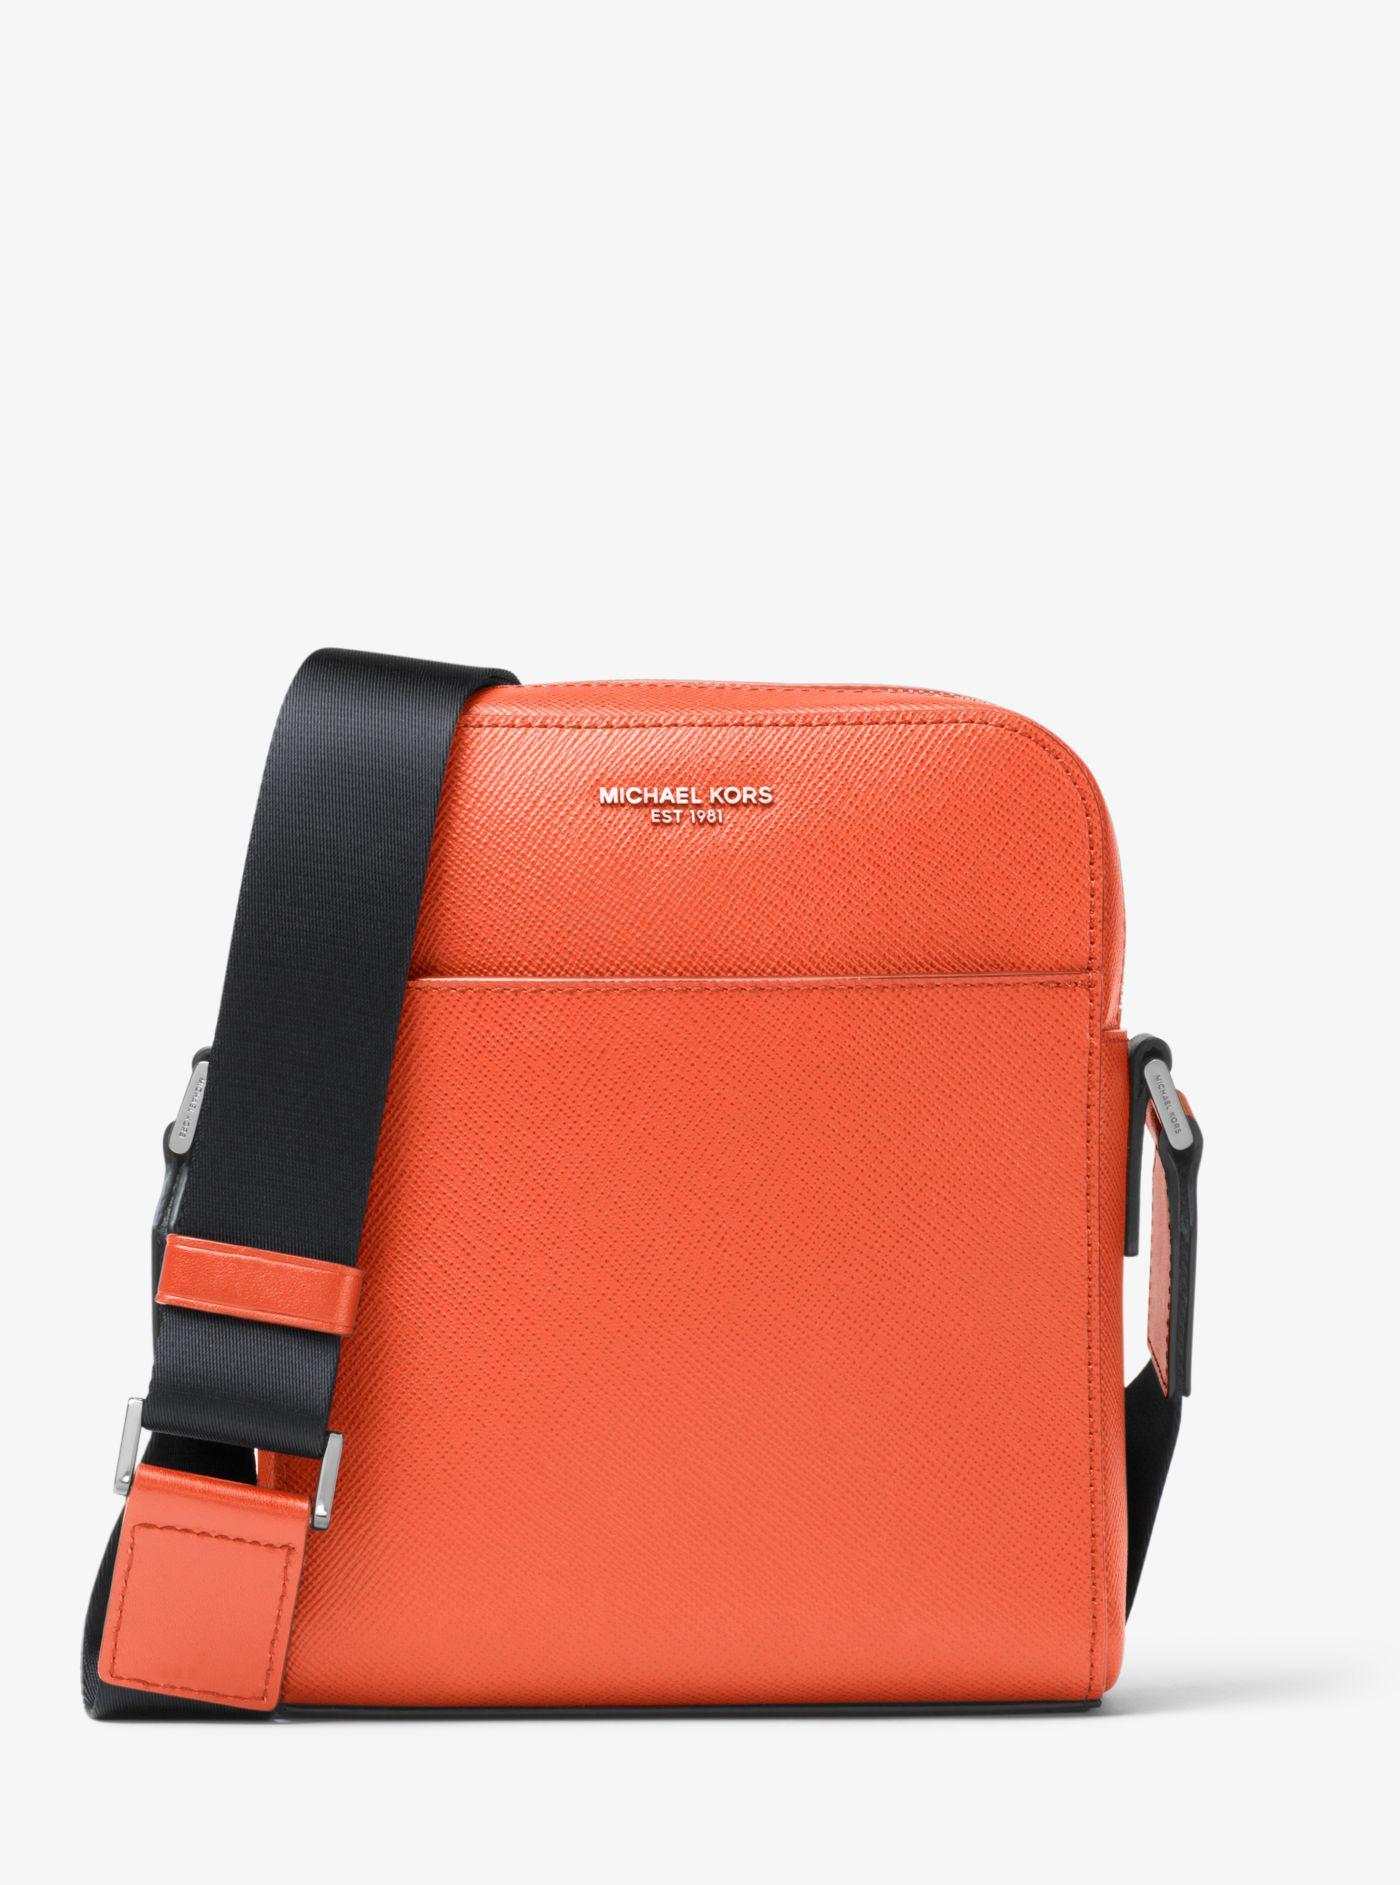 6b4787374e51 Michael Kors Harrison Leather Flight Bag for Men - Lyst